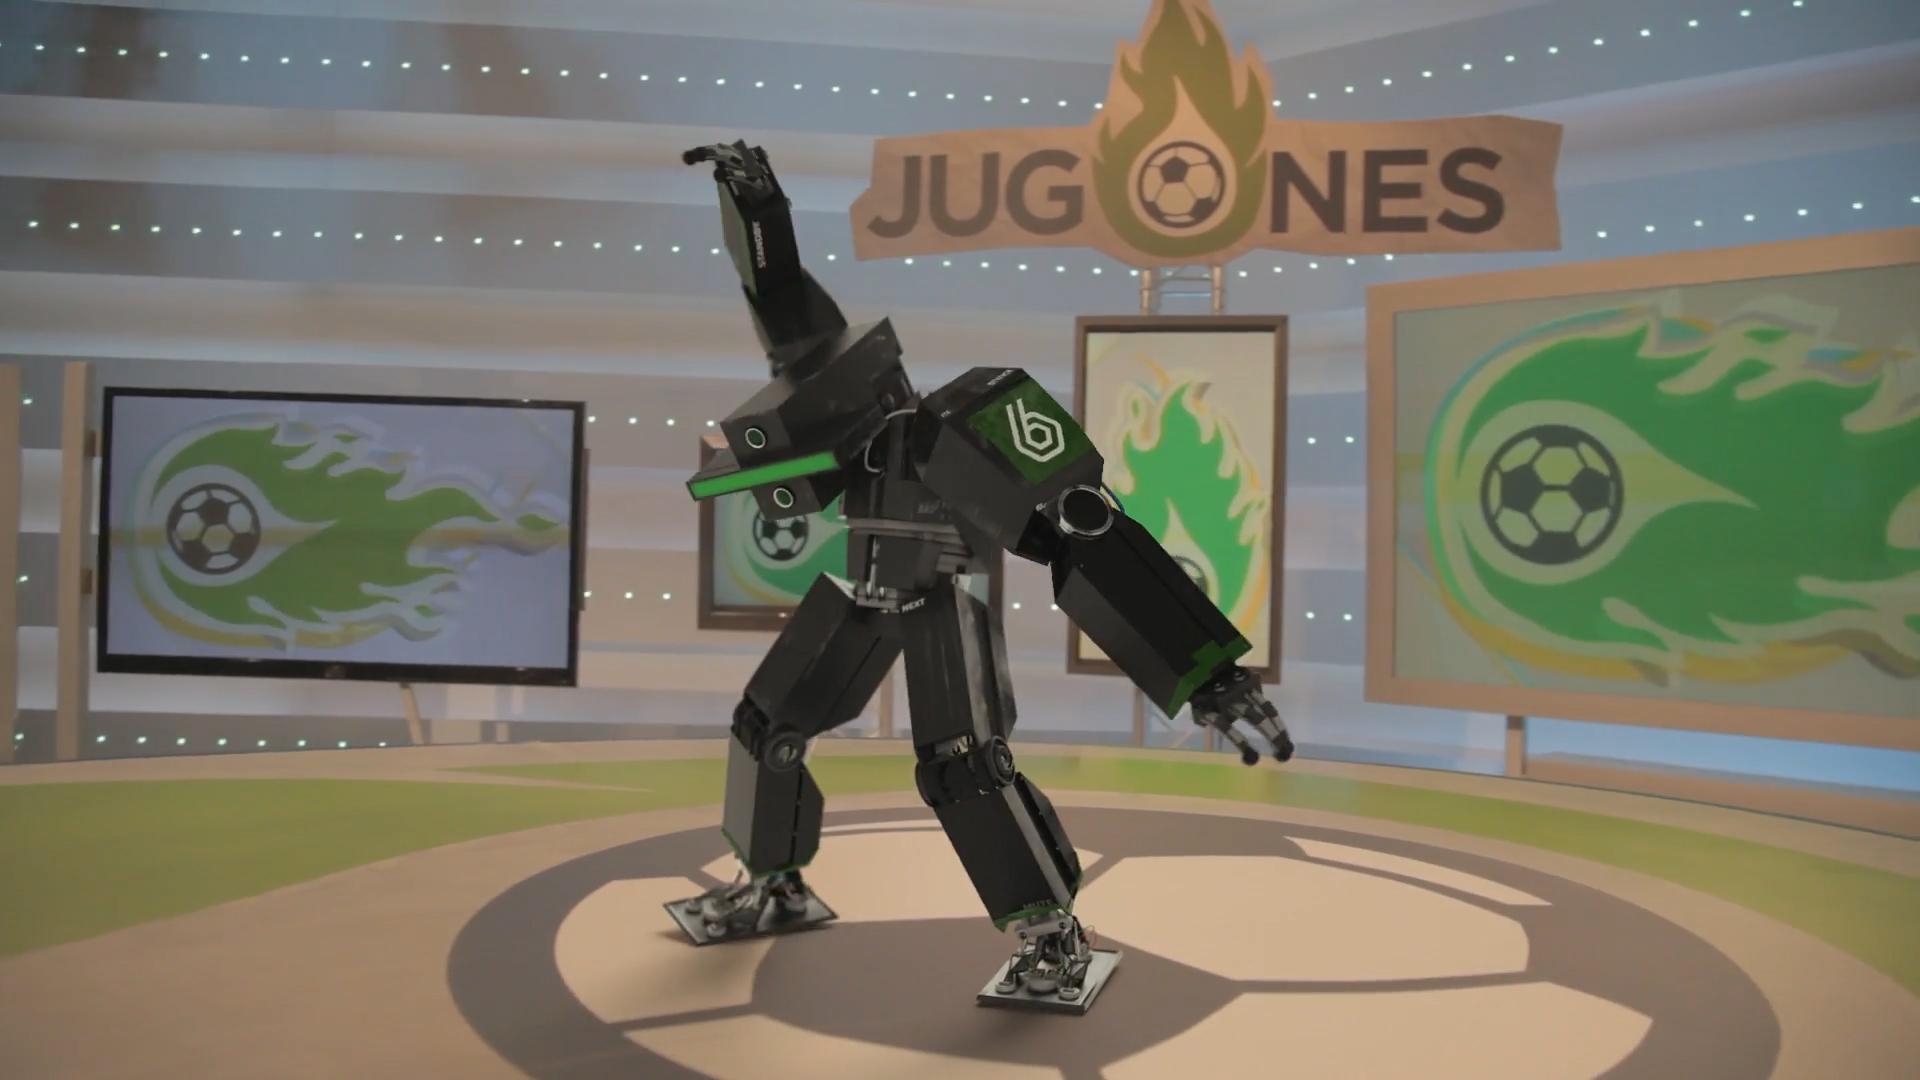 robot-la-sexta-el-exilio-animacion-3d-modelado-texturizado-video-plato-jugones-television-1920x1080-1.jpg